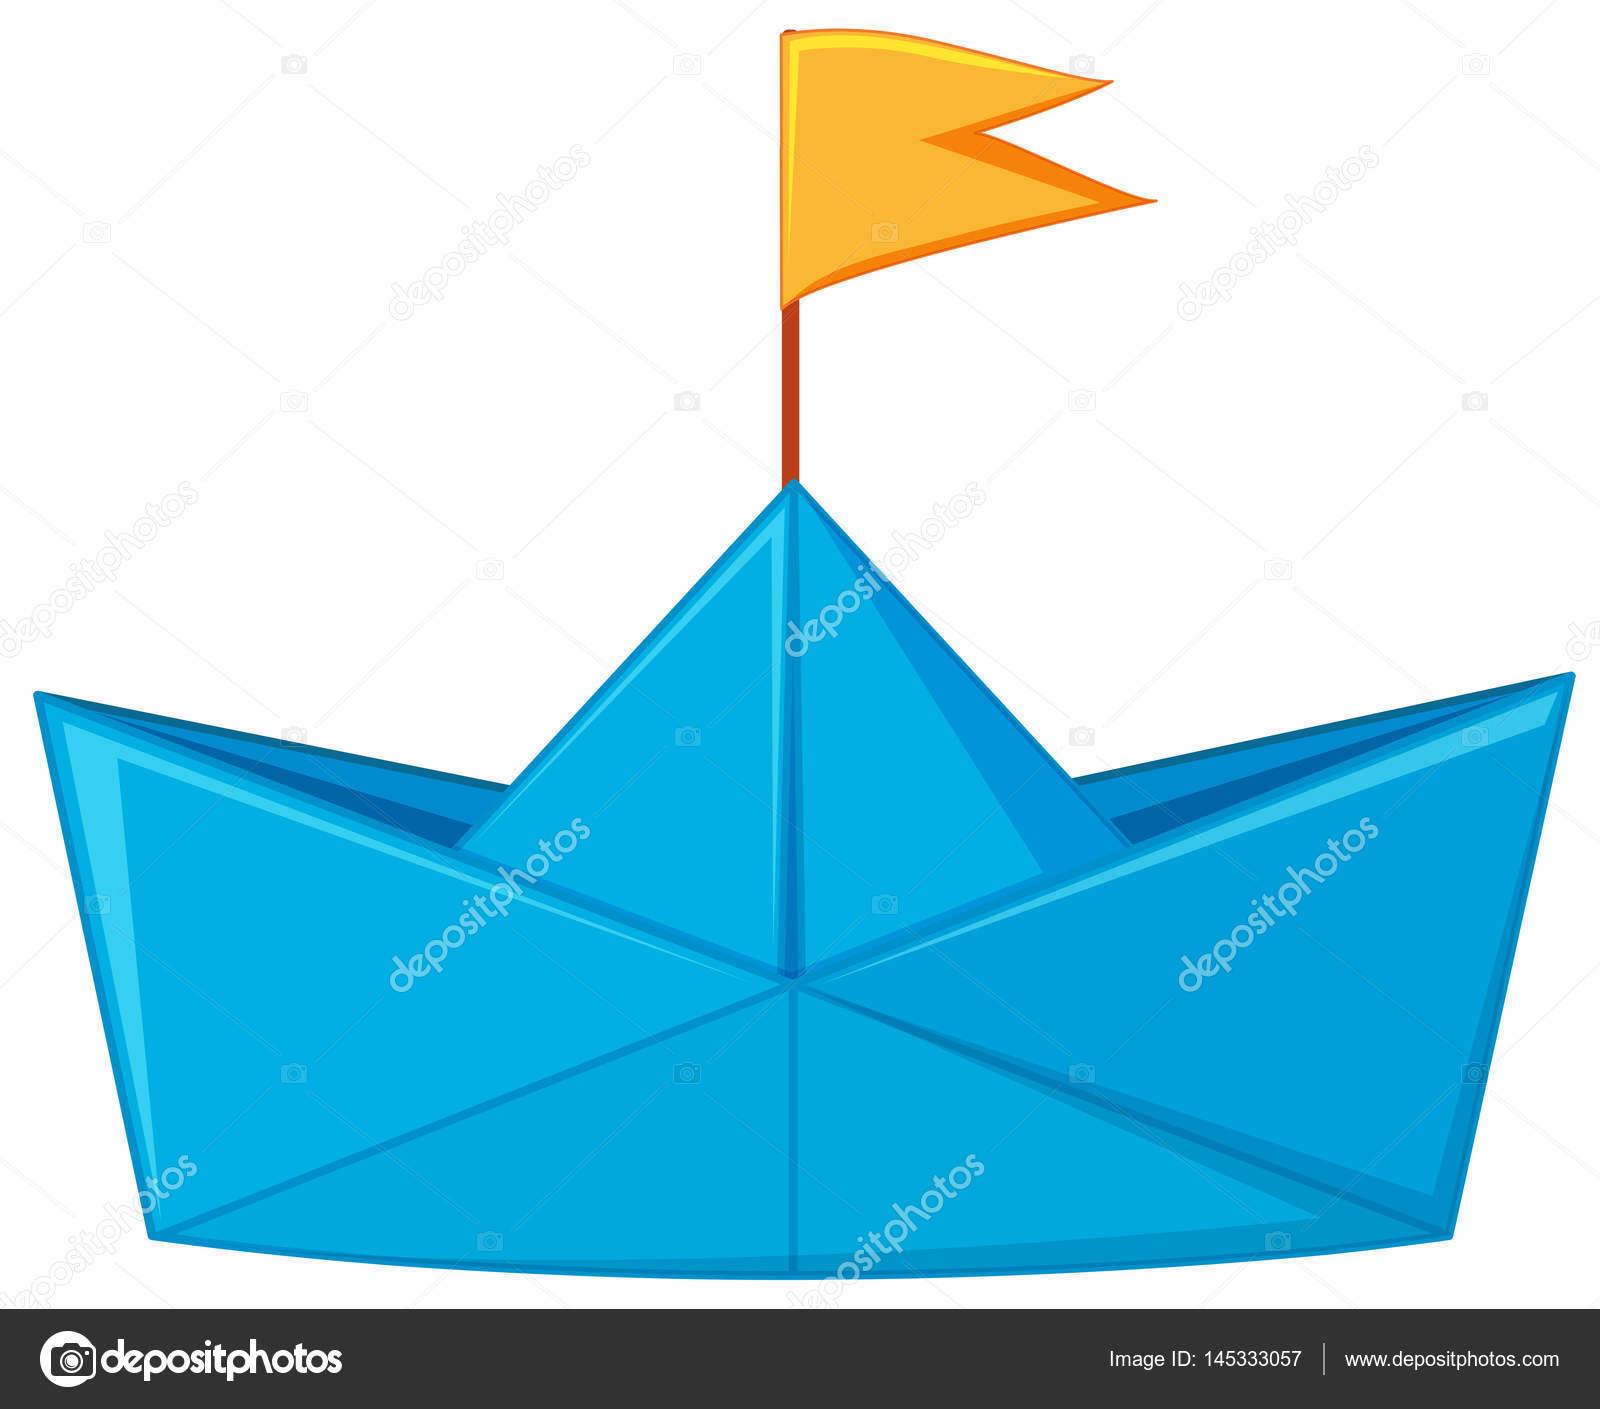 bateau en papier bleu avec drapeau jaune image. Black Bedroom Furniture Sets. Home Design Ideas